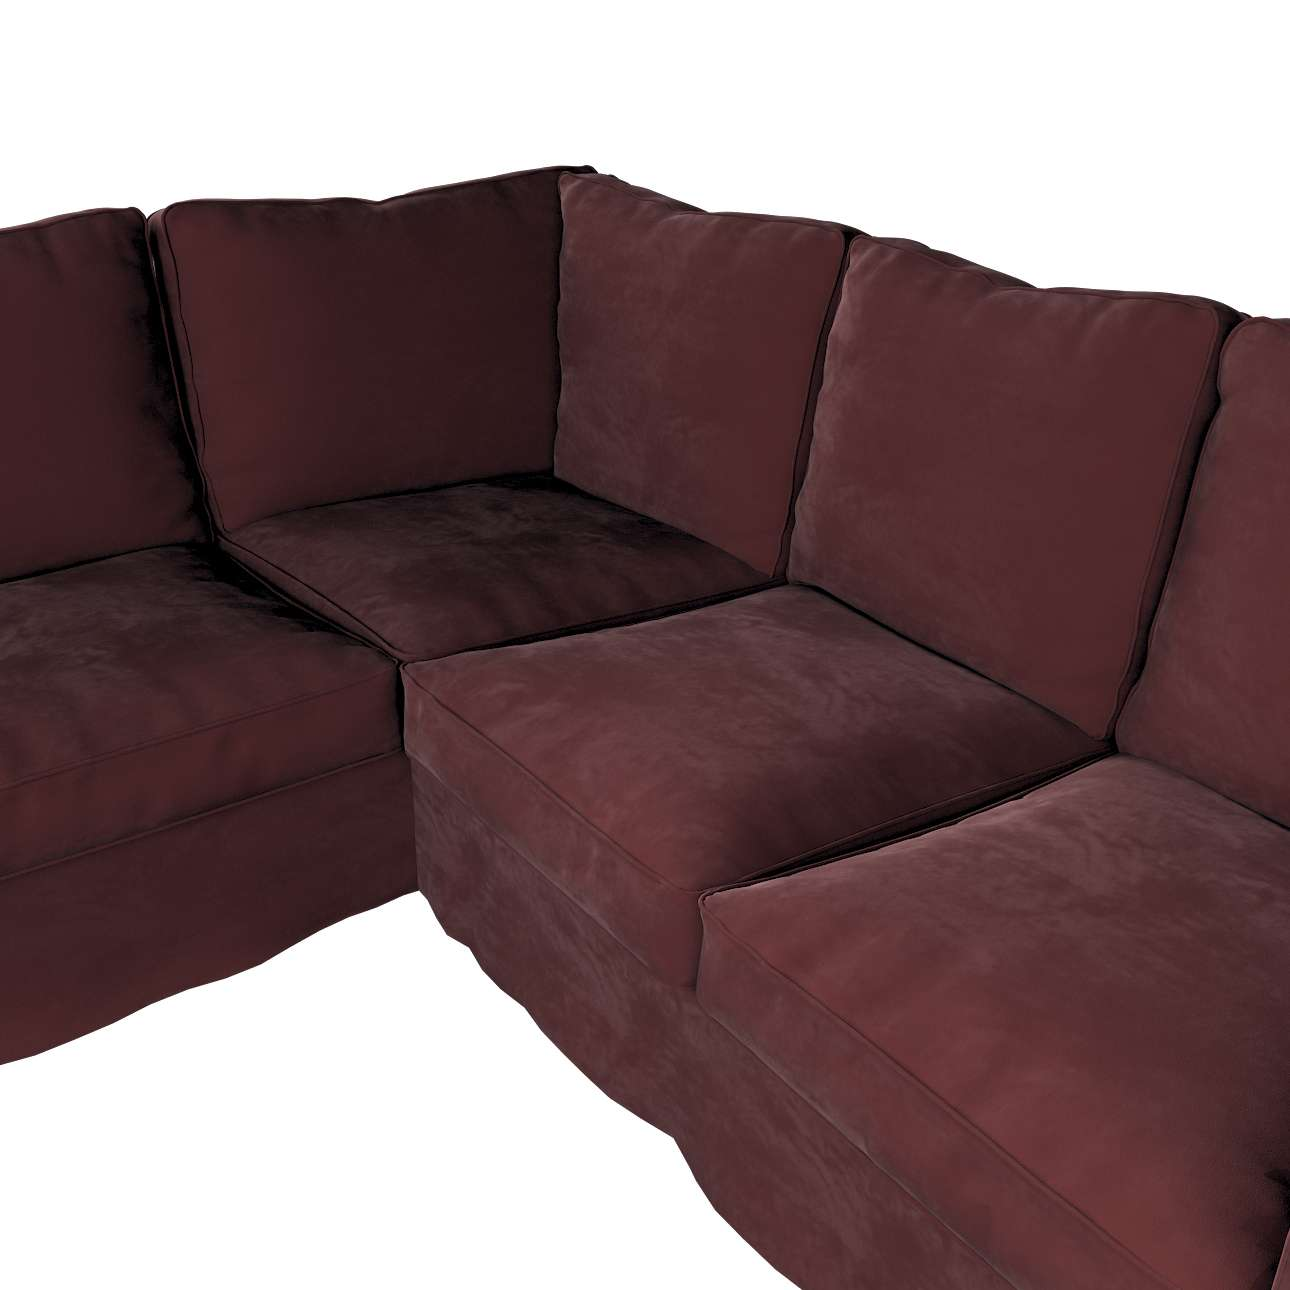 Pokrowiec na sofę narożną Ektorp w kolekcji Velvet, tkanina: 704-26